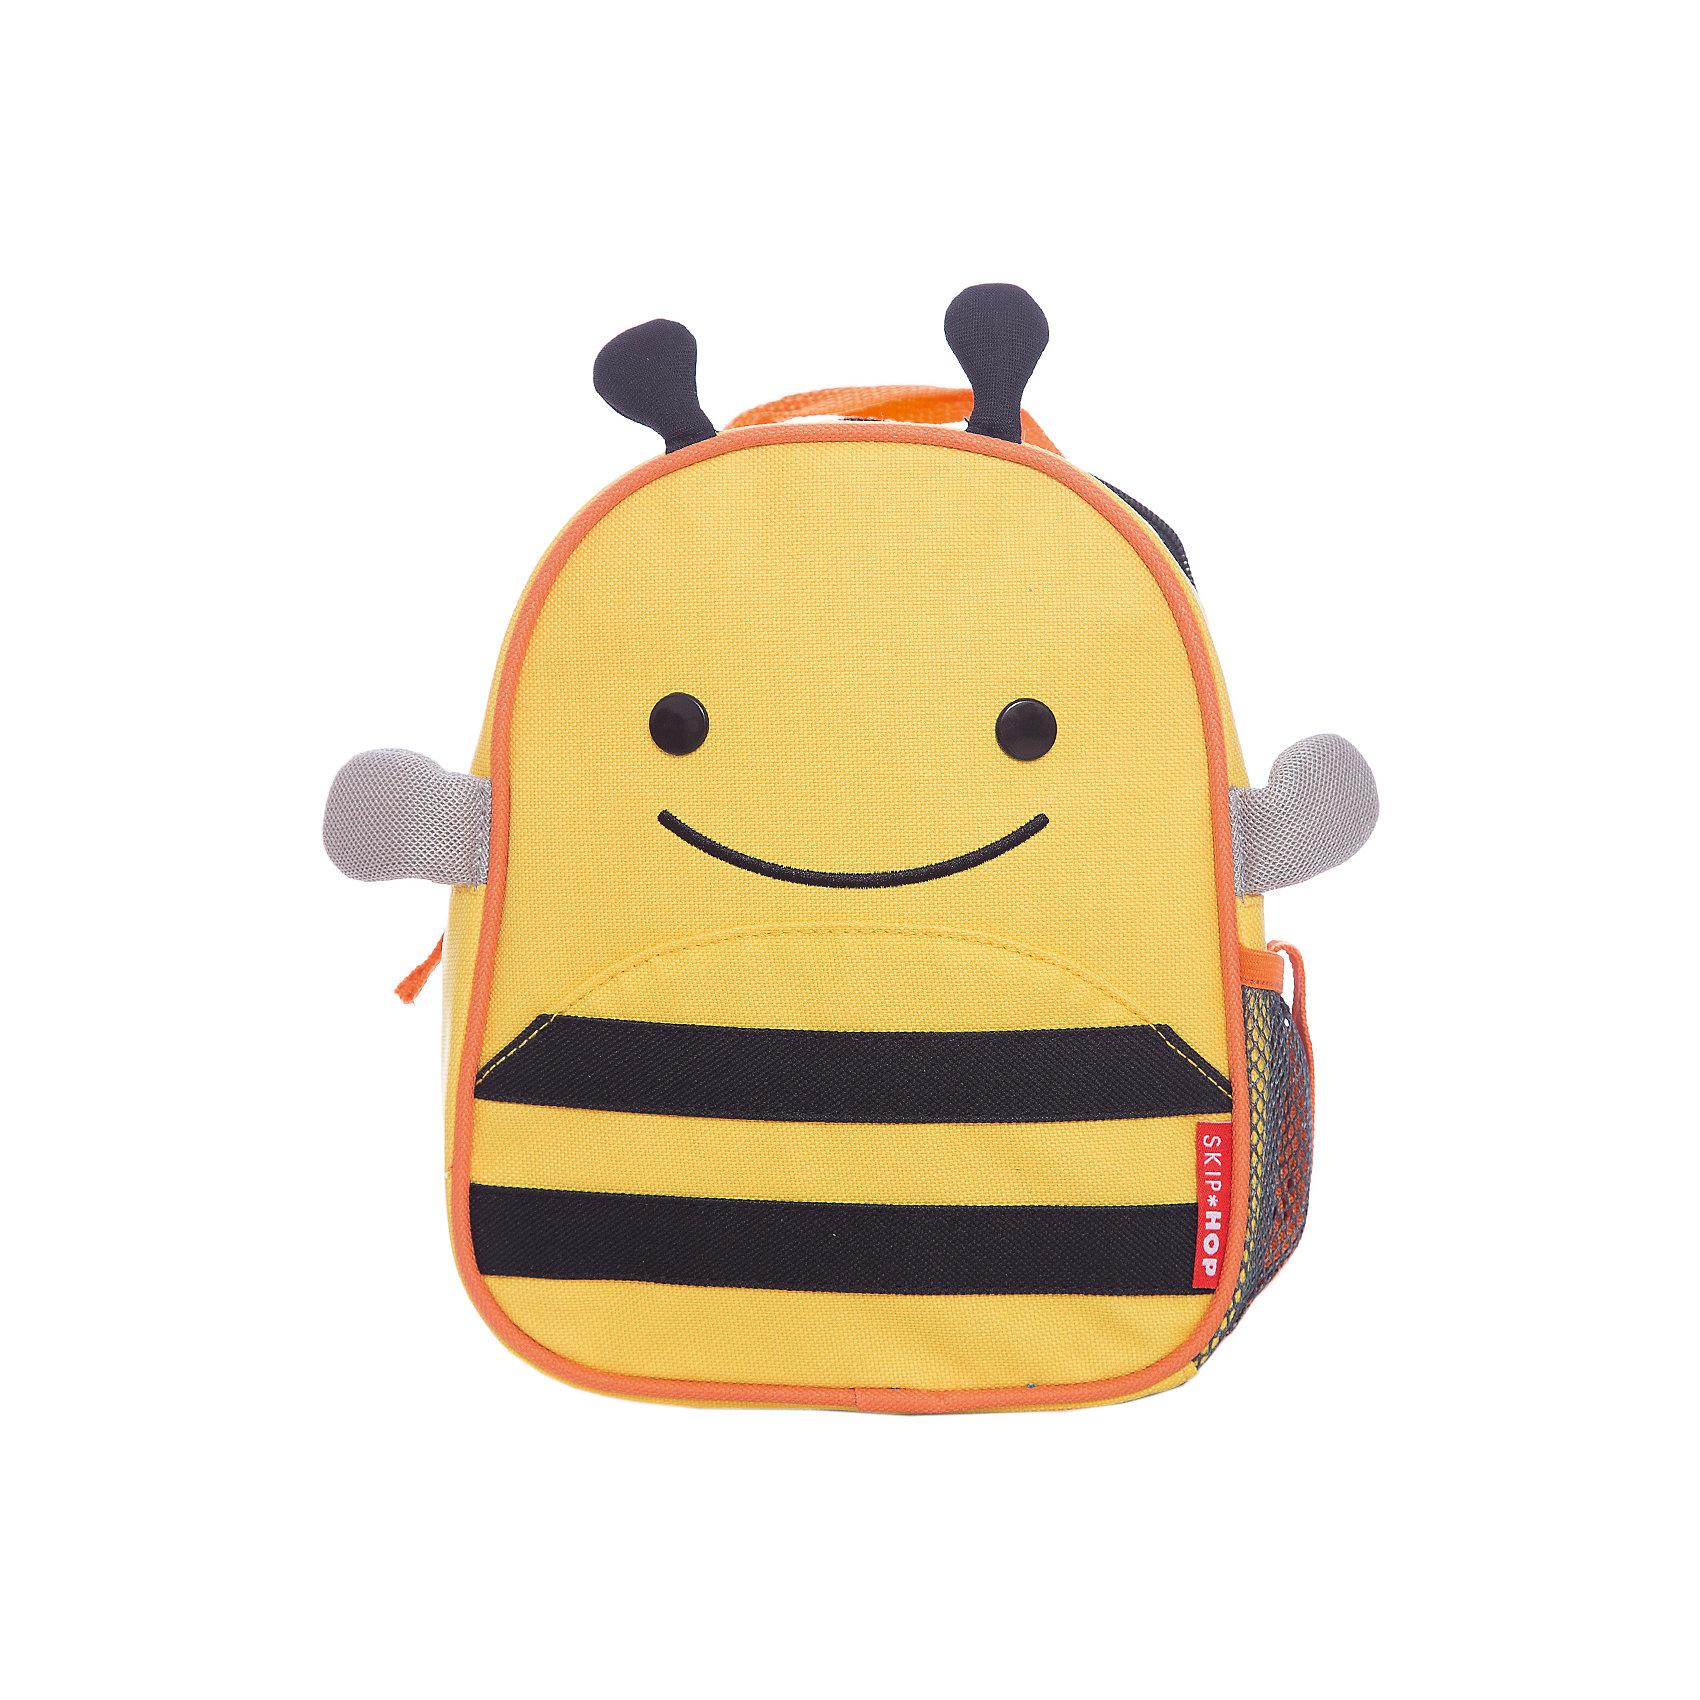 Рюкзак детский с поводком Пчела, Skip HopДетские рюкзаки<br>Возраст: от 11 месяцев<br>Размер: 23 см x 19 см x 8.5 см<br>Легко одевается на ребенка<br>Ремешок безопасности регулируется до необходимой длины<br>Позволяет малышу свободно исследовать мир, находясь под контролем родителей<br>Можно стирать в машинке<br>Бирочка для имени<br><br>Ширина мм: 230<br>Глубина мм: 60<br>Высота мм: 370<br>Вес г: 335<br>Возраст от месяцев: 24<br>Возраст до месяцев: 72<br>Пол: Унисекс<br>Возраст: Детский<br>SKU: 5608235